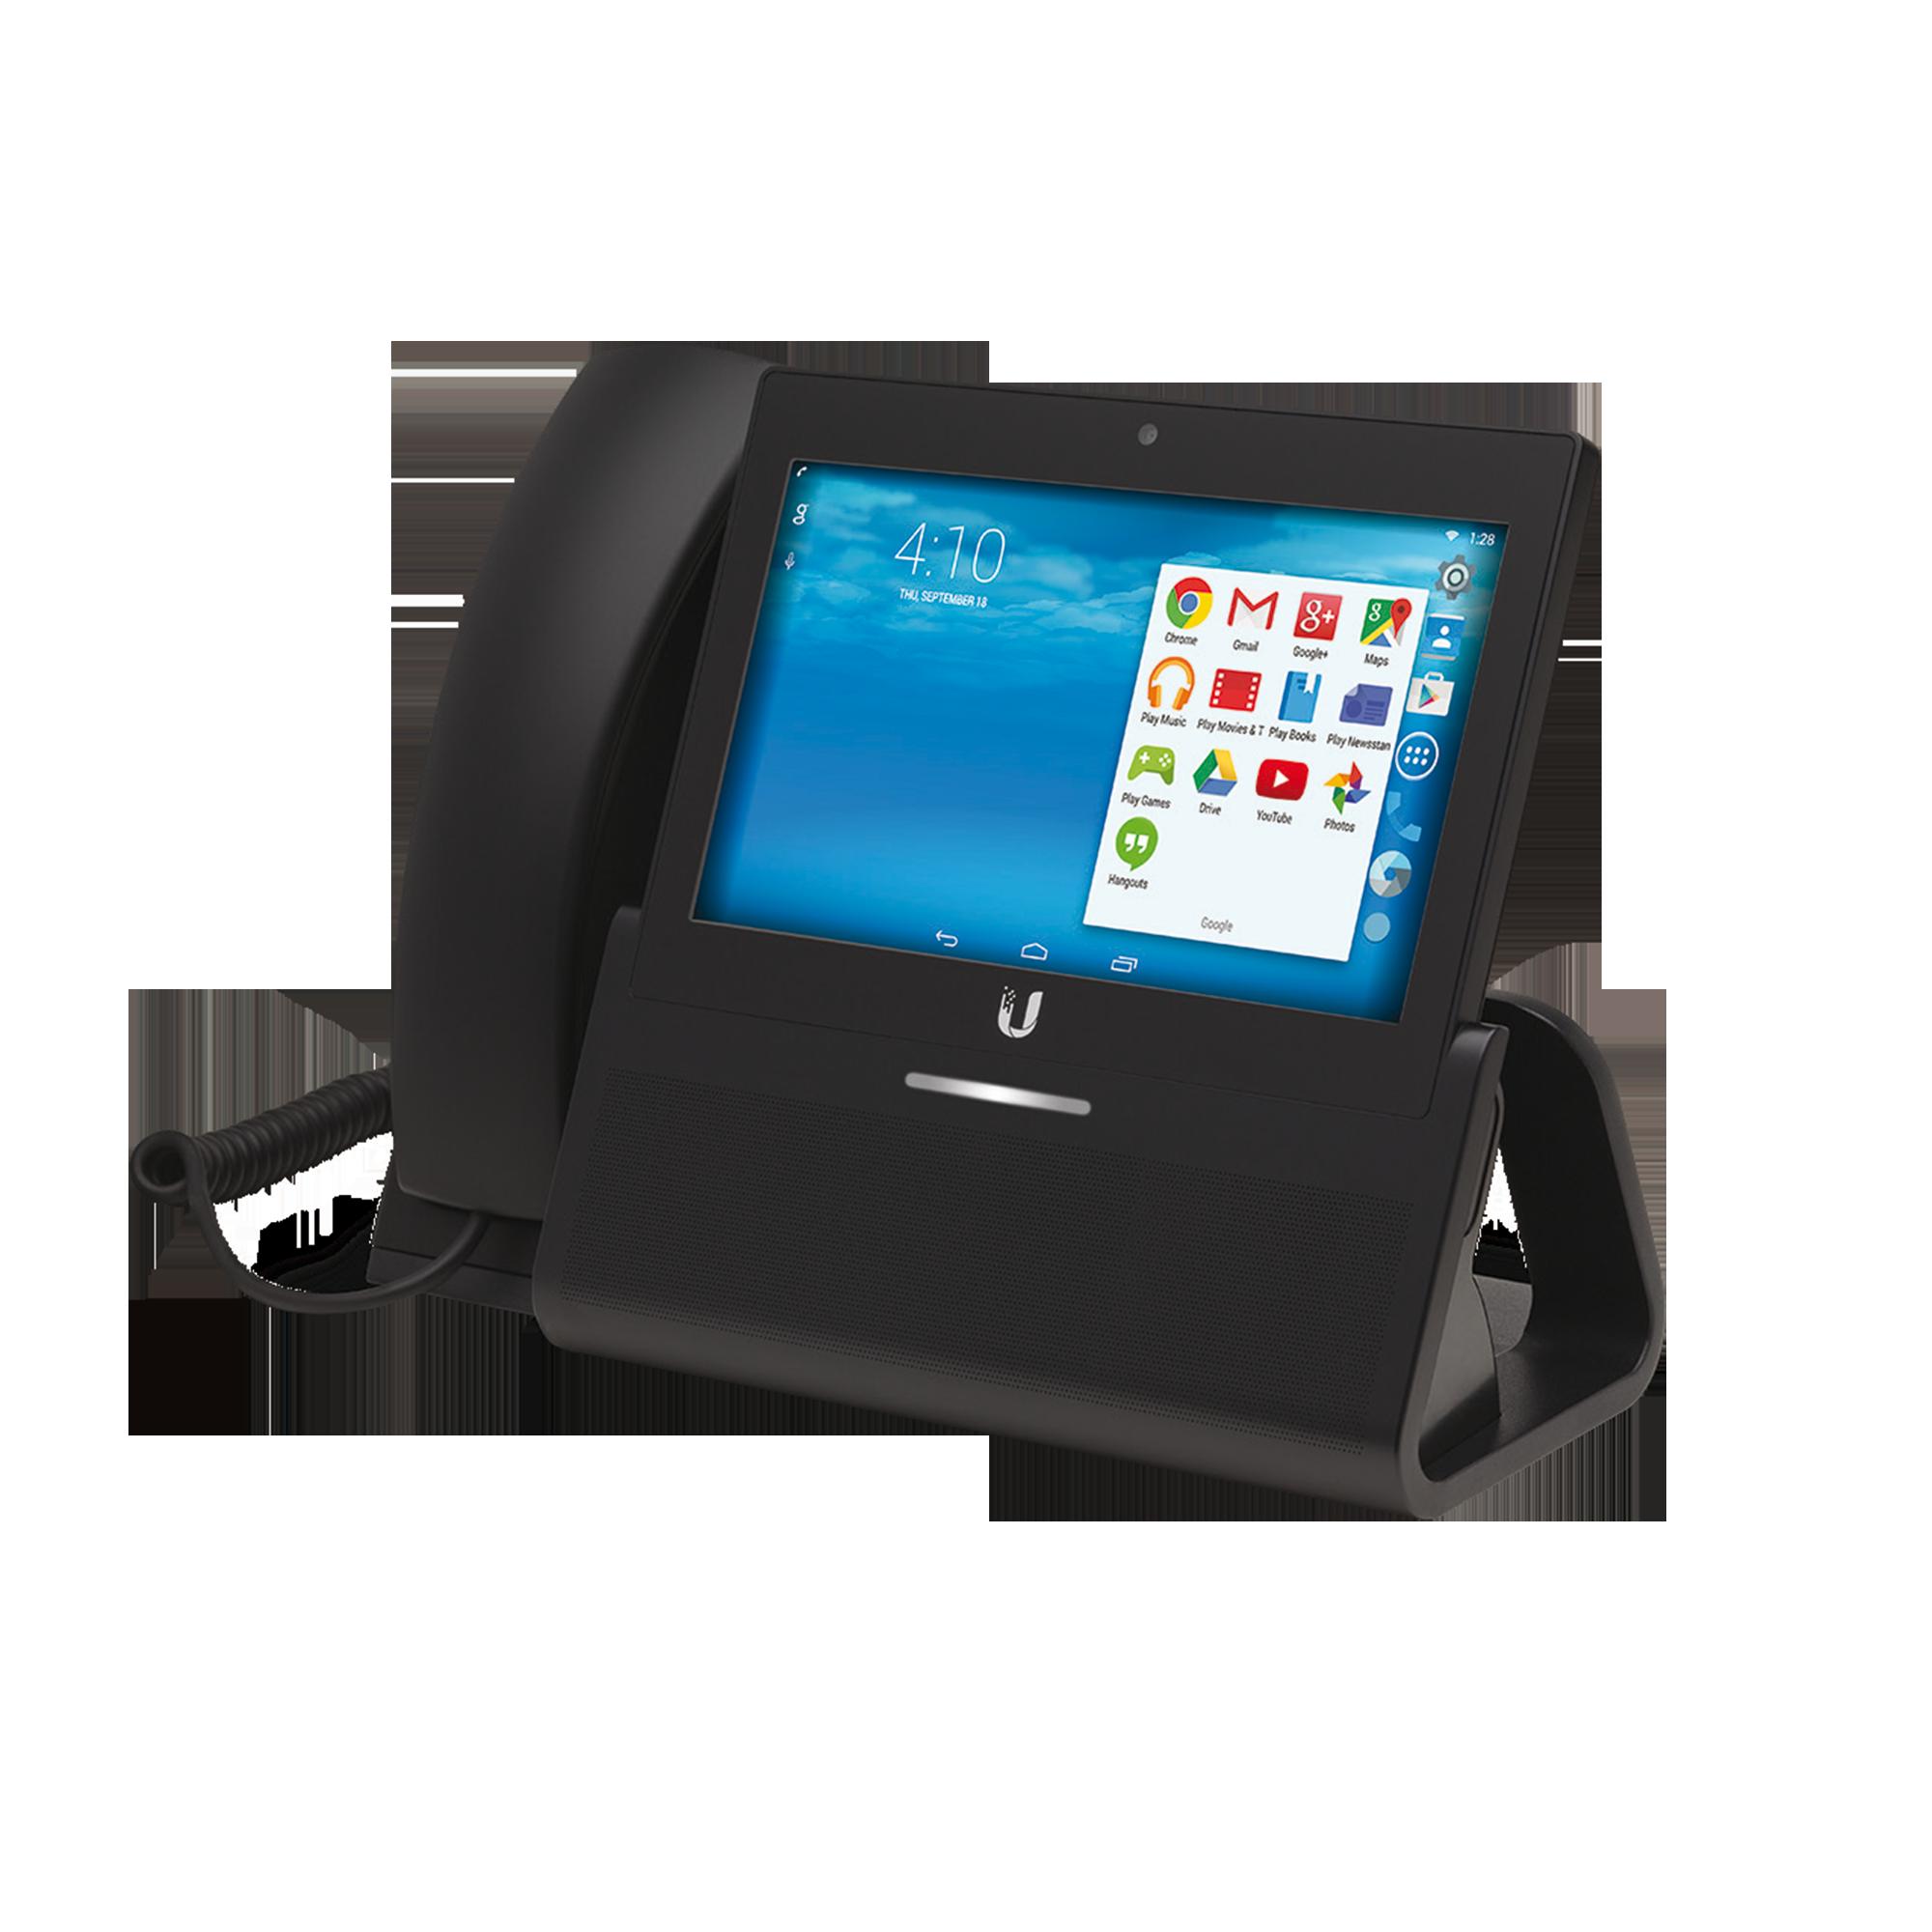 Teléfono IP Android con pantalla táctil de 7, cámara, Bluetooth y WiFi, compatible con SIP abierto Grandstream, 3CX, etc.